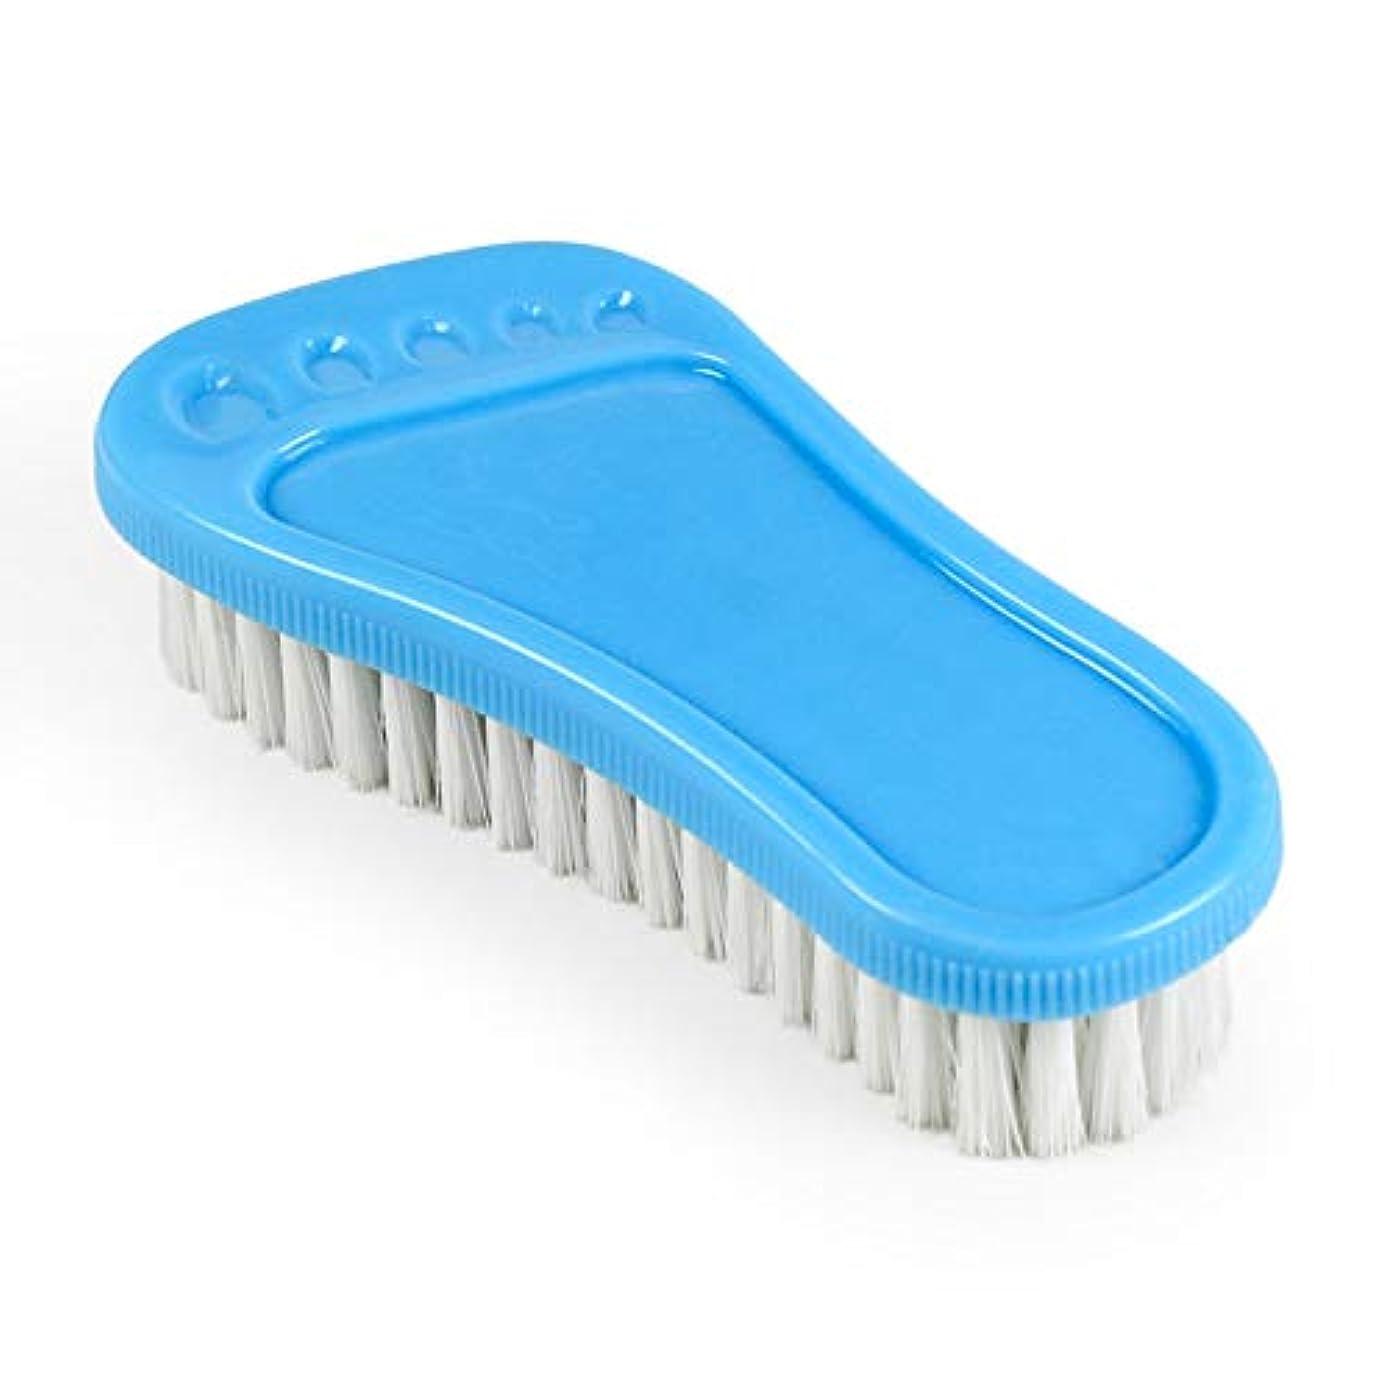 機関スリチンモイメトリックポアクリーニング 小さな足首プラスチックの柔らかい髪多目的靴のブラシ洗面器のブラシのクリーニングブラシバスのブラシ2 PCS マッサージブラシ